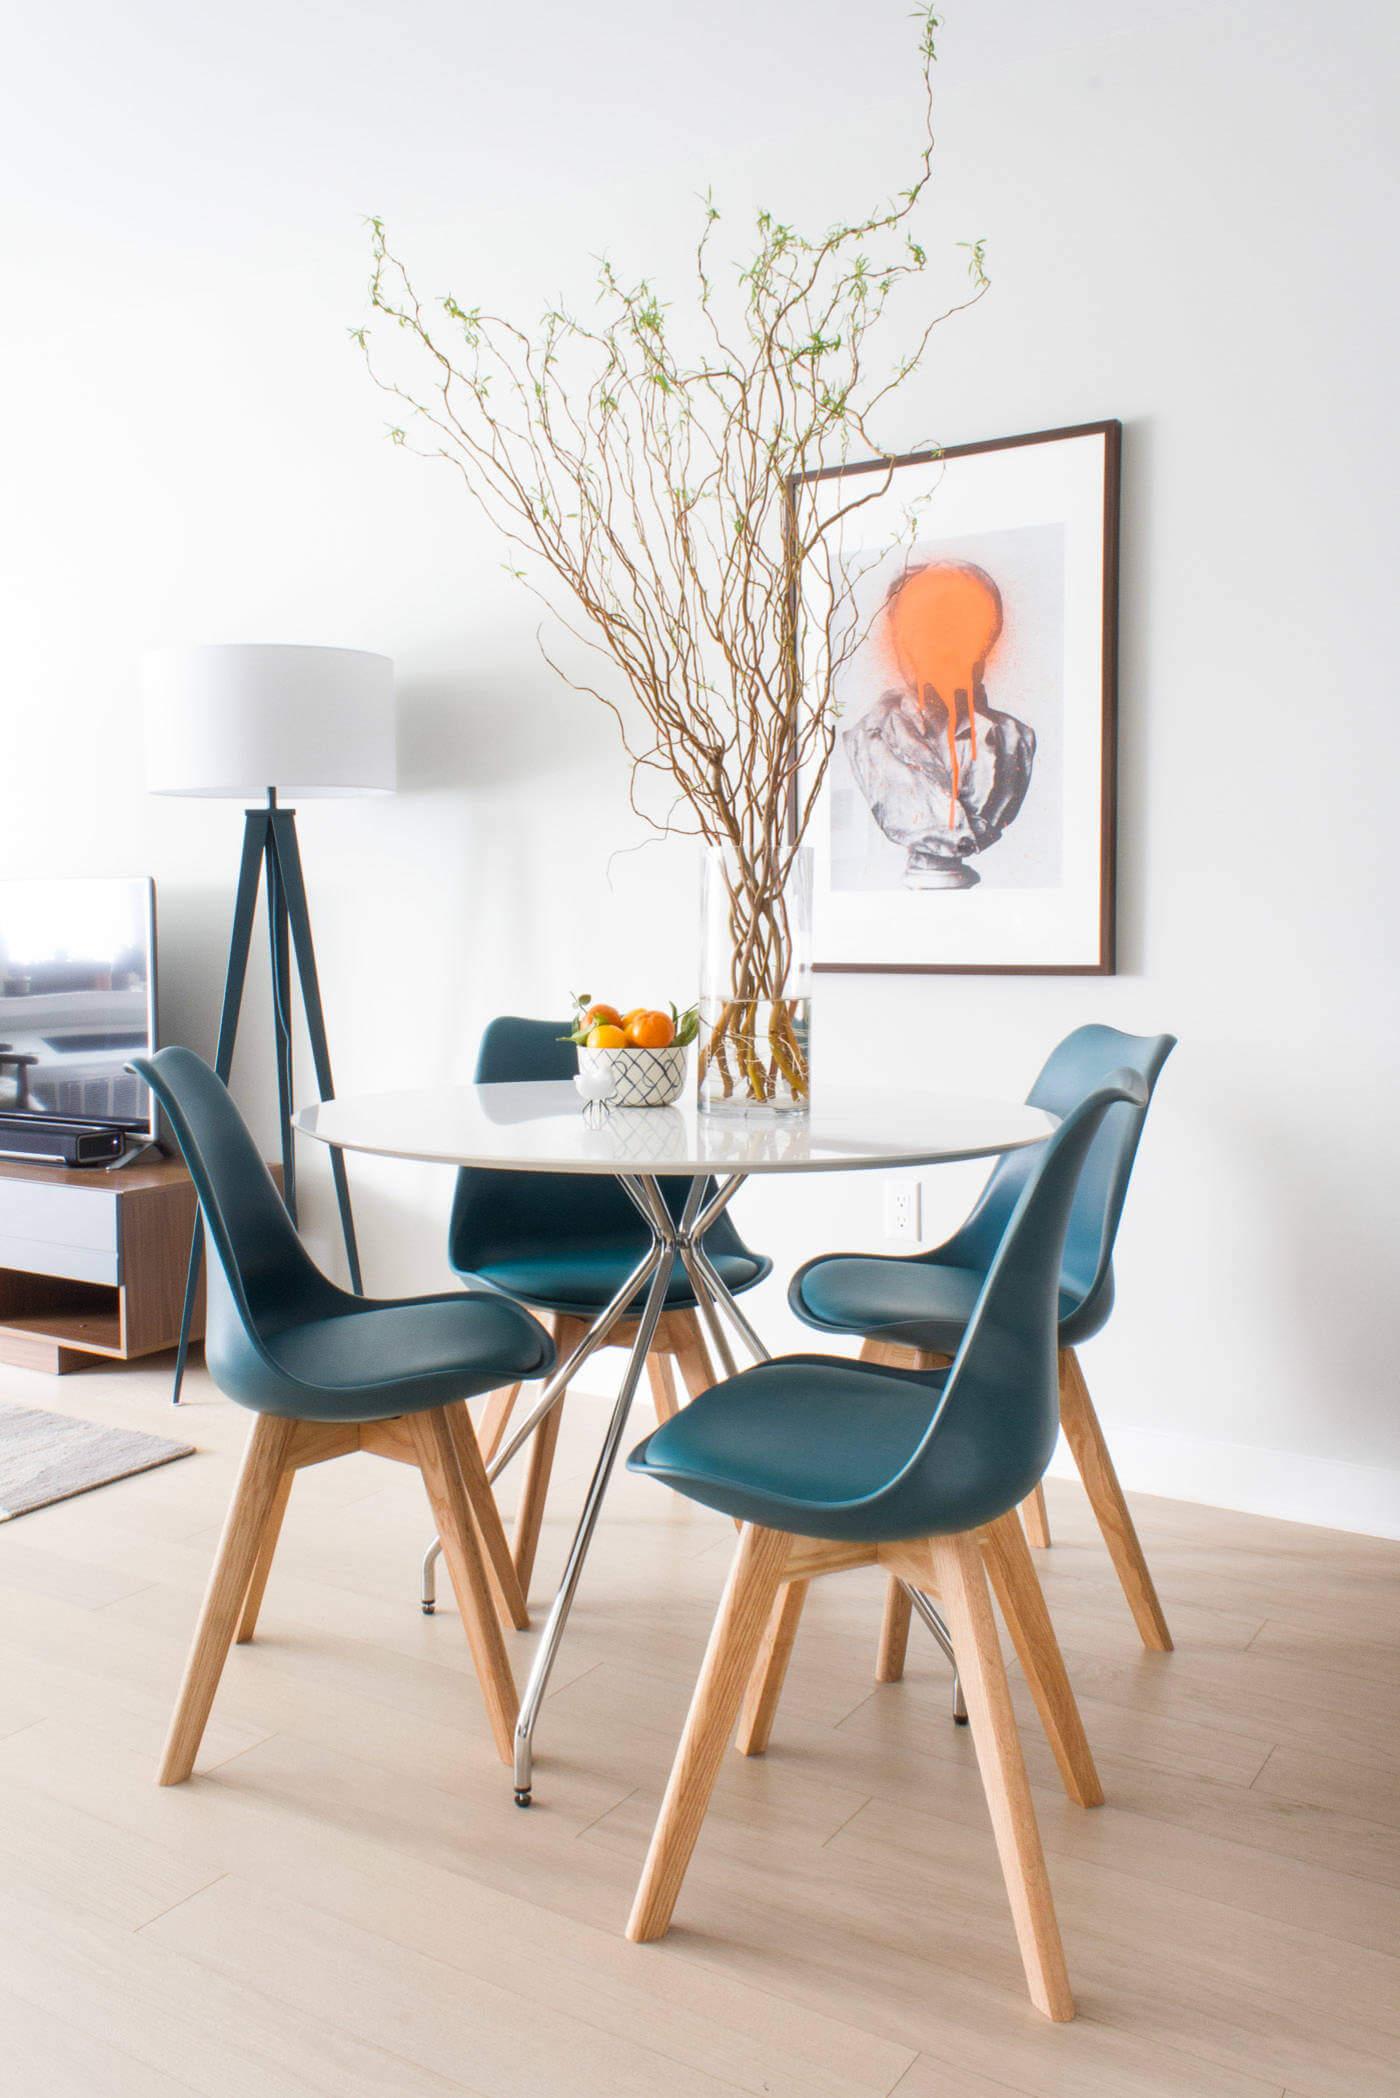 2. Thin-legged table